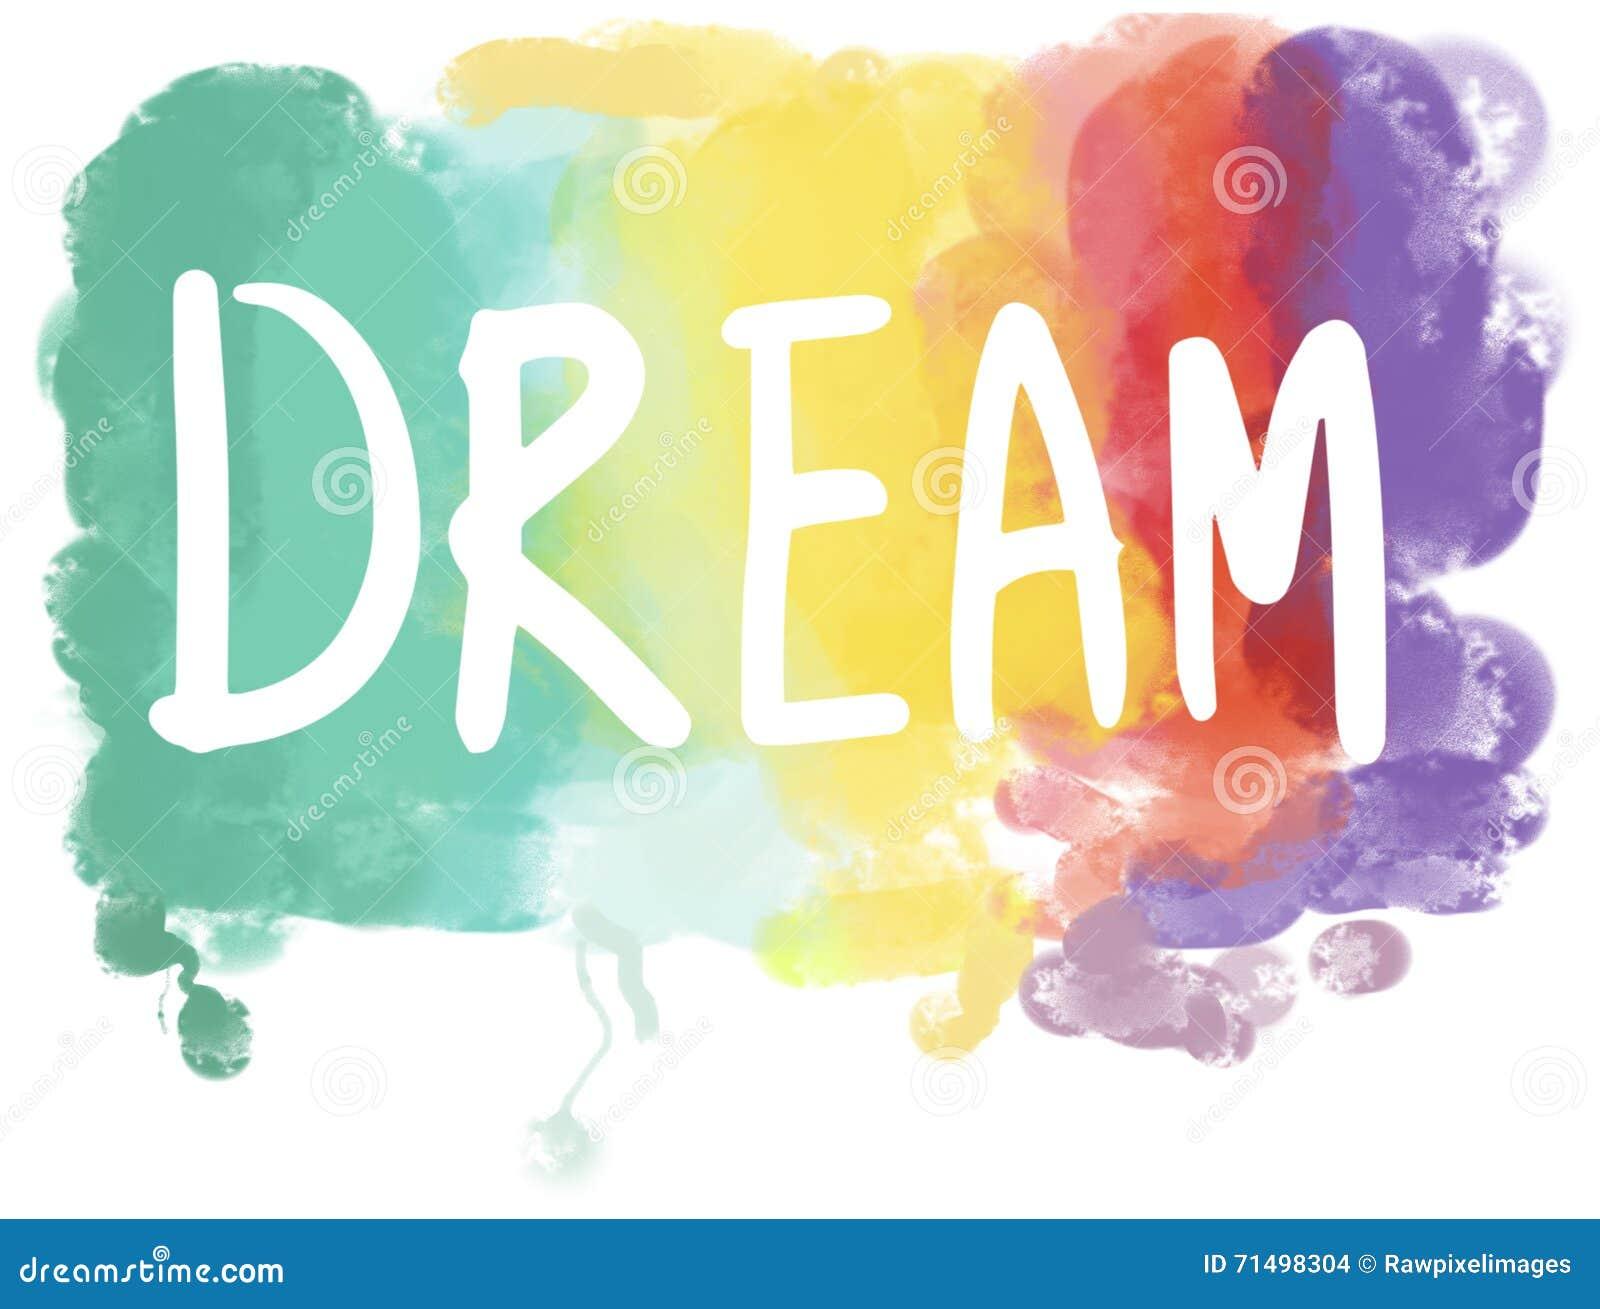 Dröm- Desire Hopeful Inspiration Imagination Goal visionbegrepp